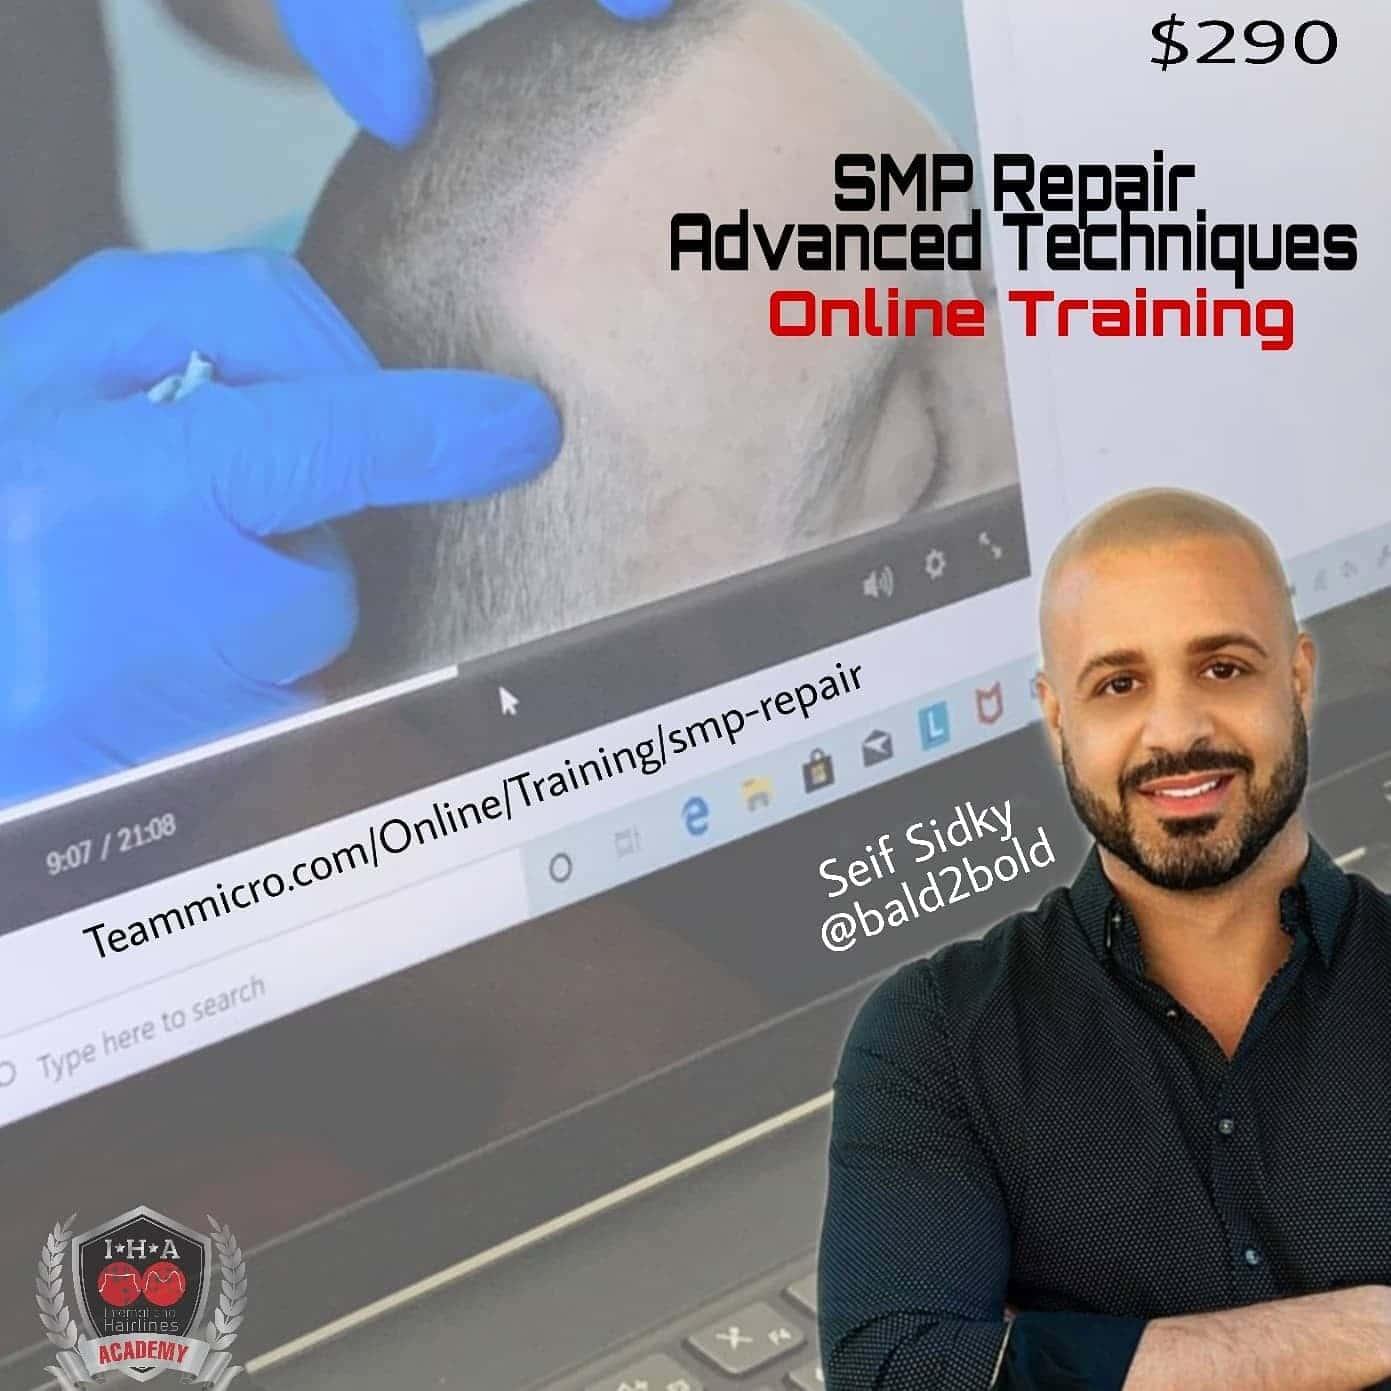 scalp micropigmentation repair training course